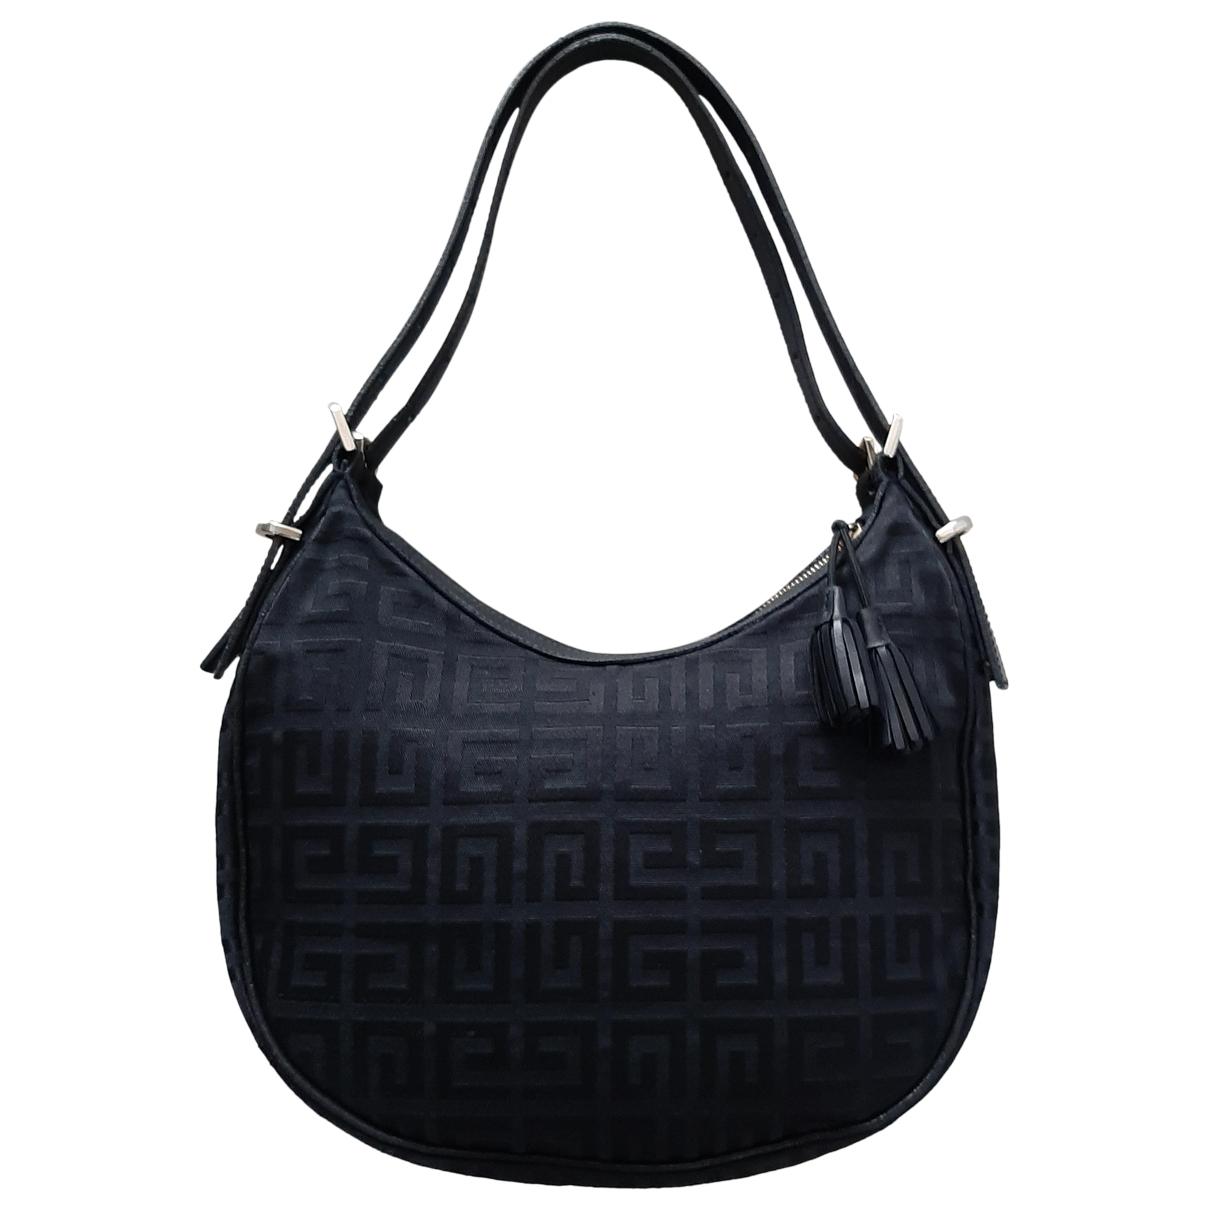 Givenchy \N Handtasche in  Schwarz Leinen